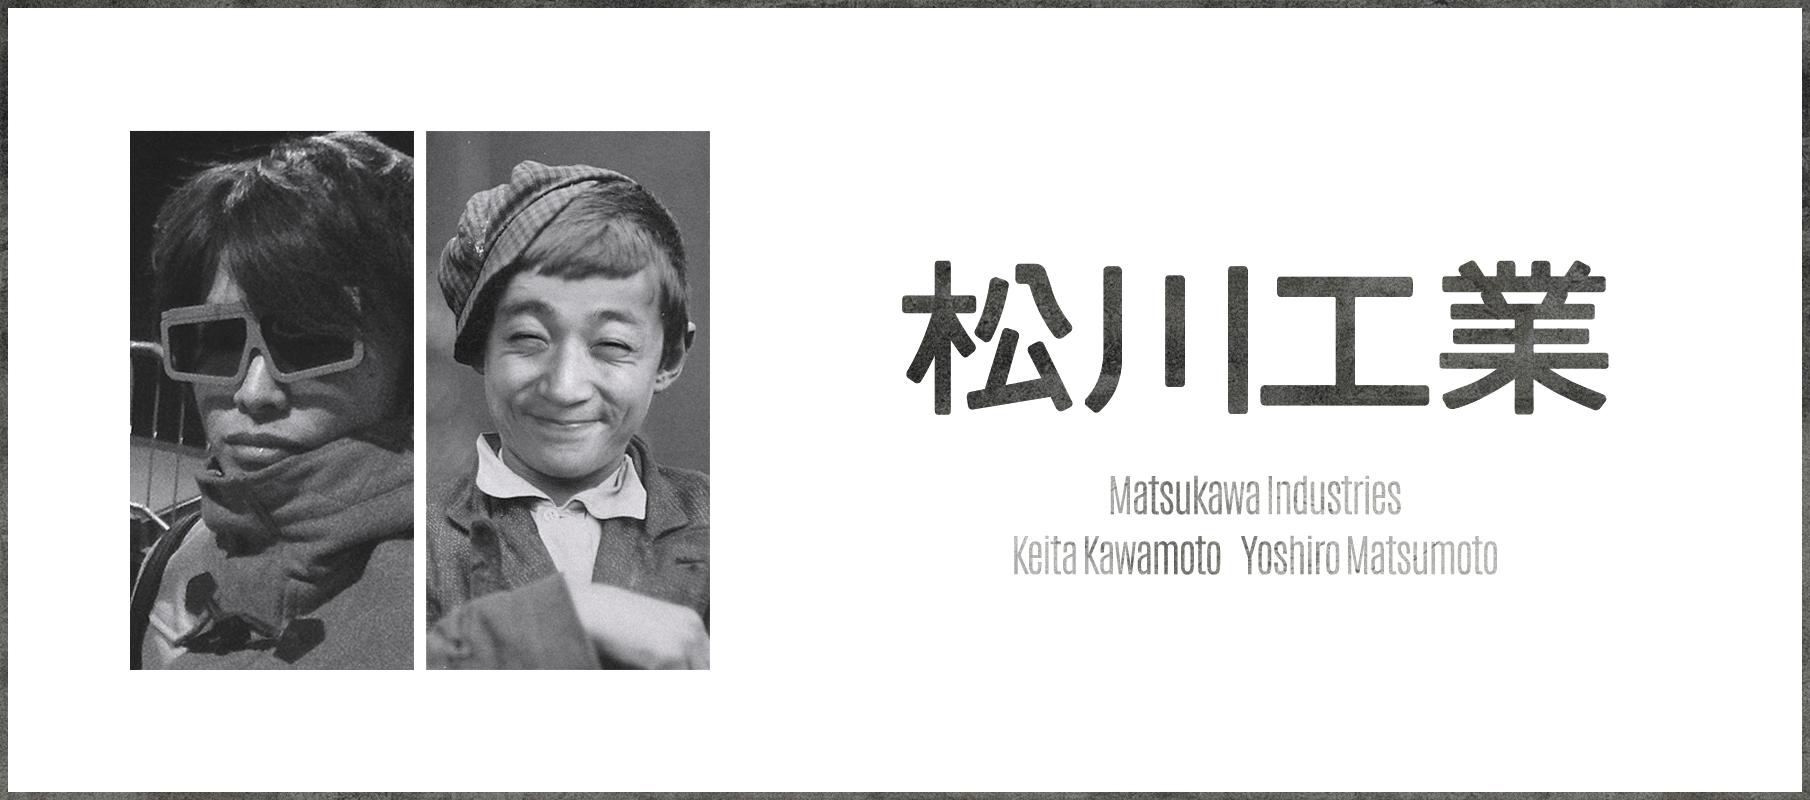 matsukawa-industries.png